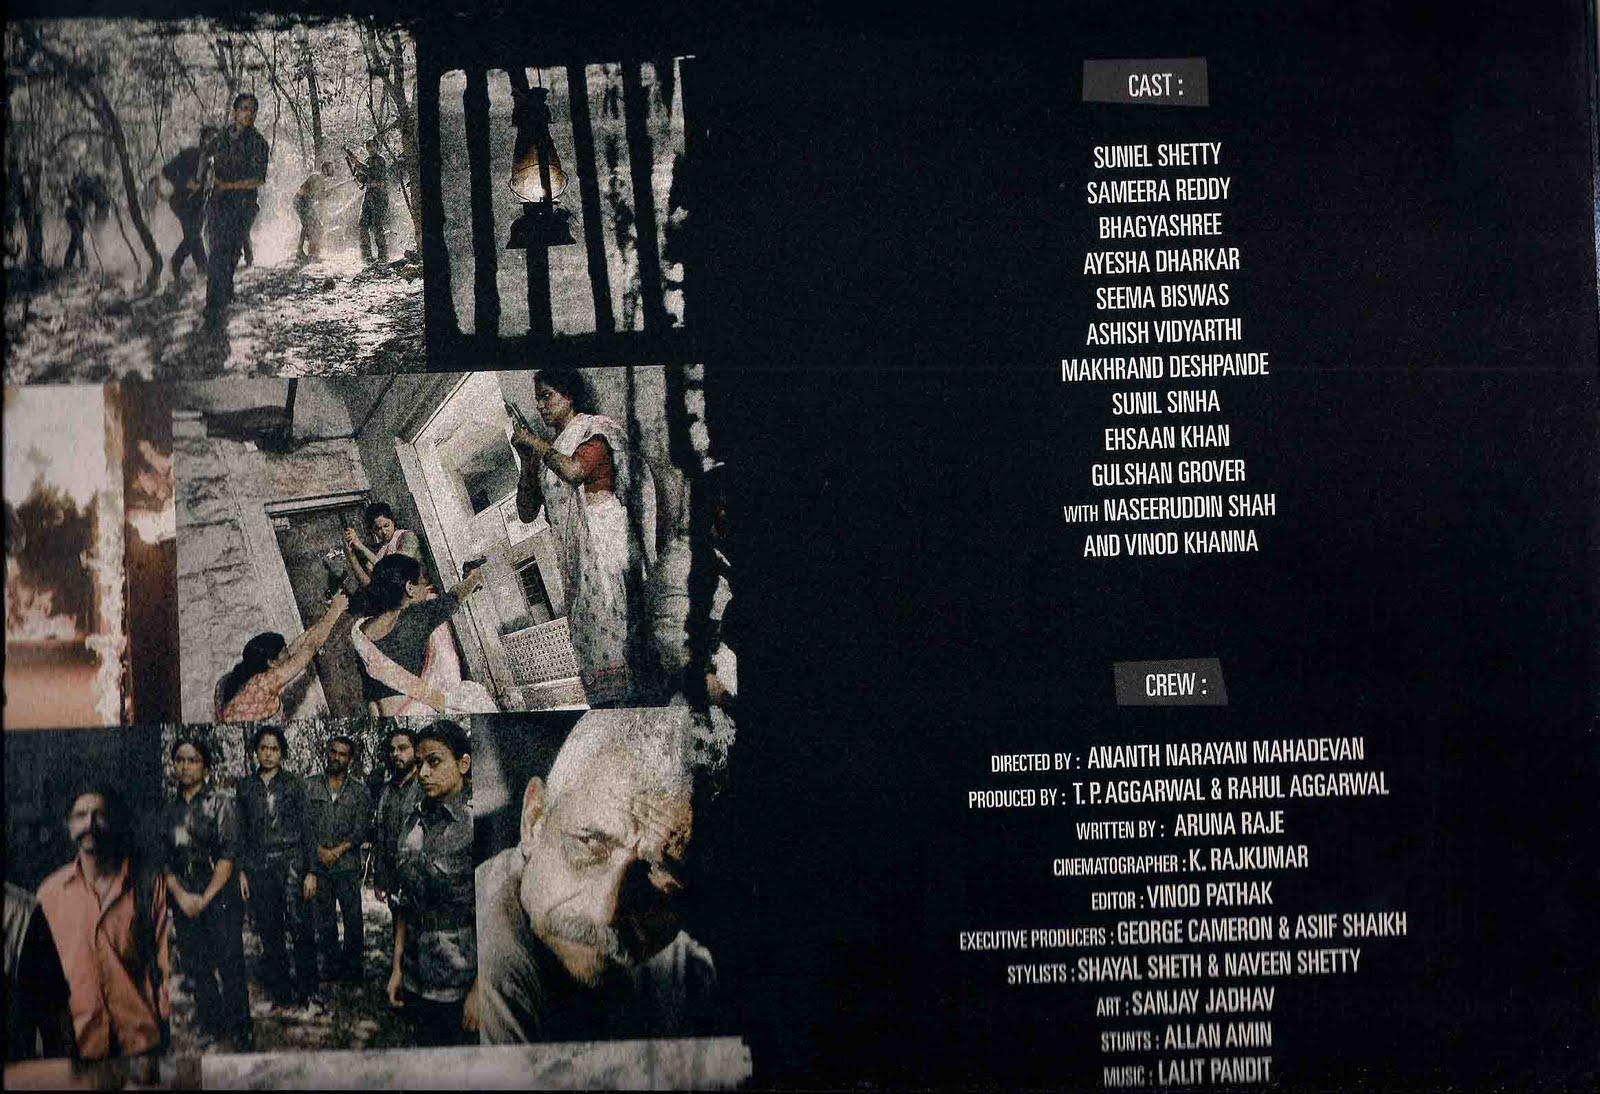 http://3.bp.blogspot.com/__eLM3QTxZsc/SxUZyfLWHXI/AAAAAAAAQb4/l2zWgt1Vatg/s1600/Bollywood-movie-Red-Alert-Wallpapers2.jpg